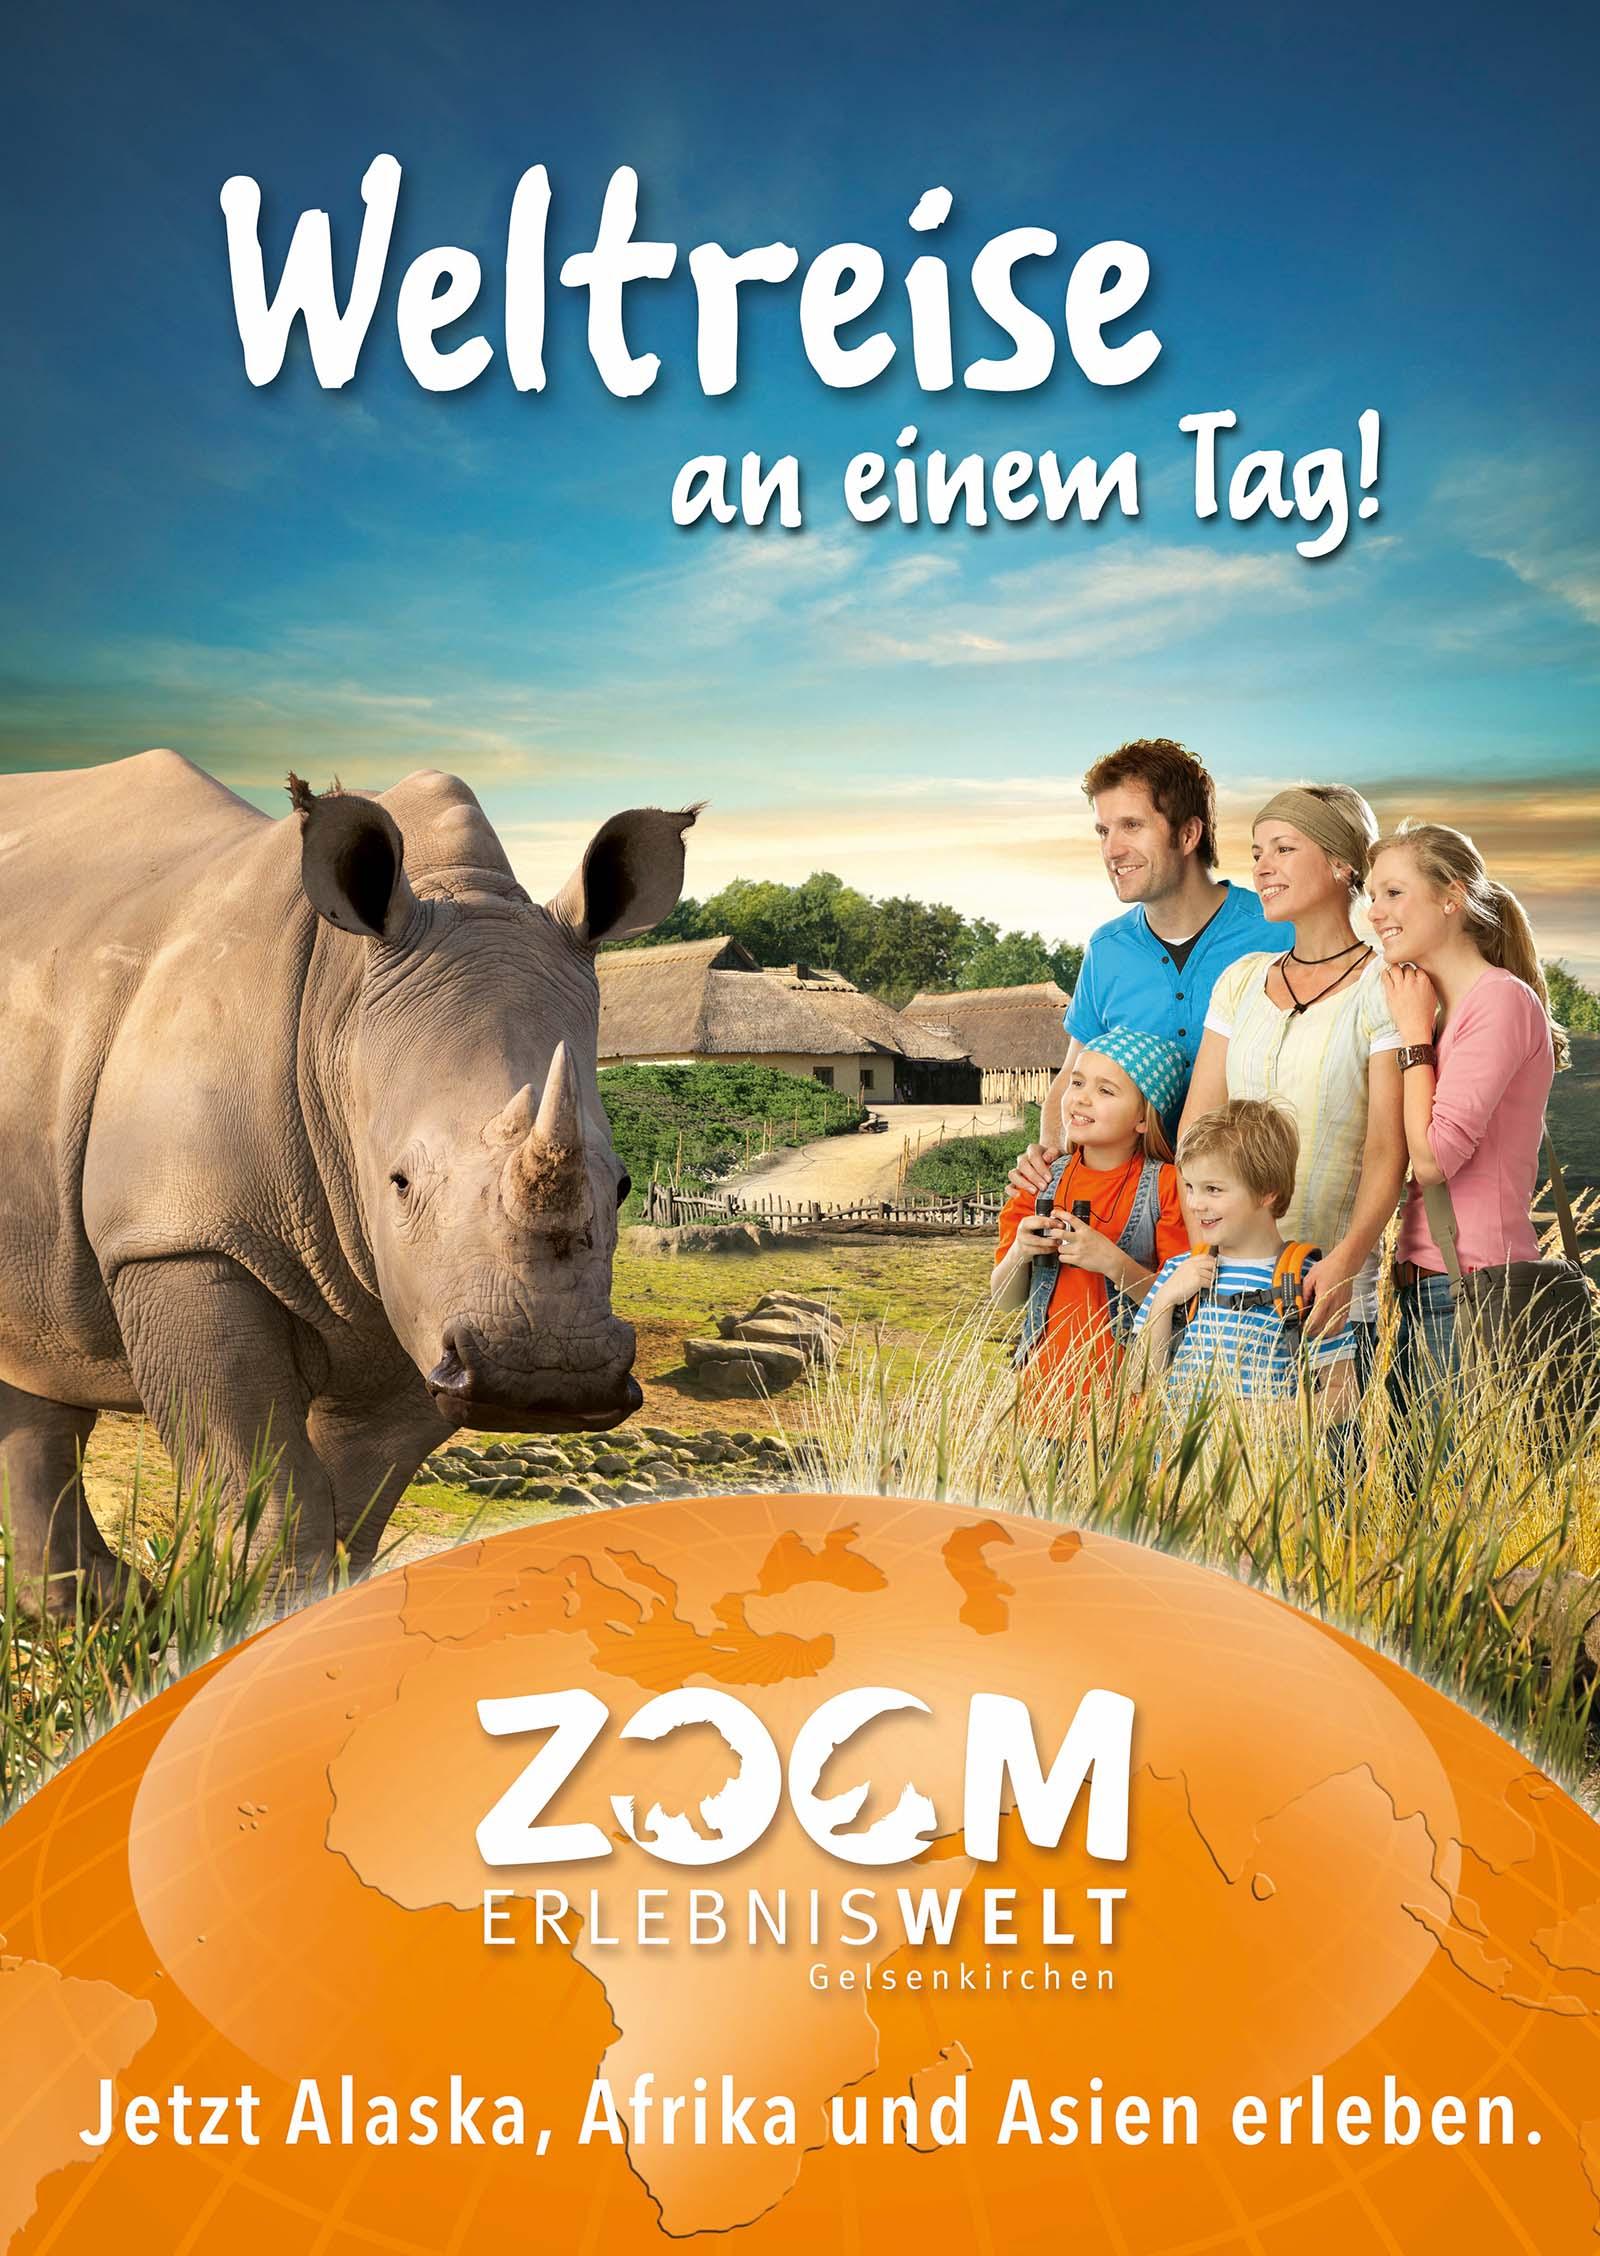 Werbekampagne zur Mensch-Tier Begegnung in der ZOOM Erlebniswelt.